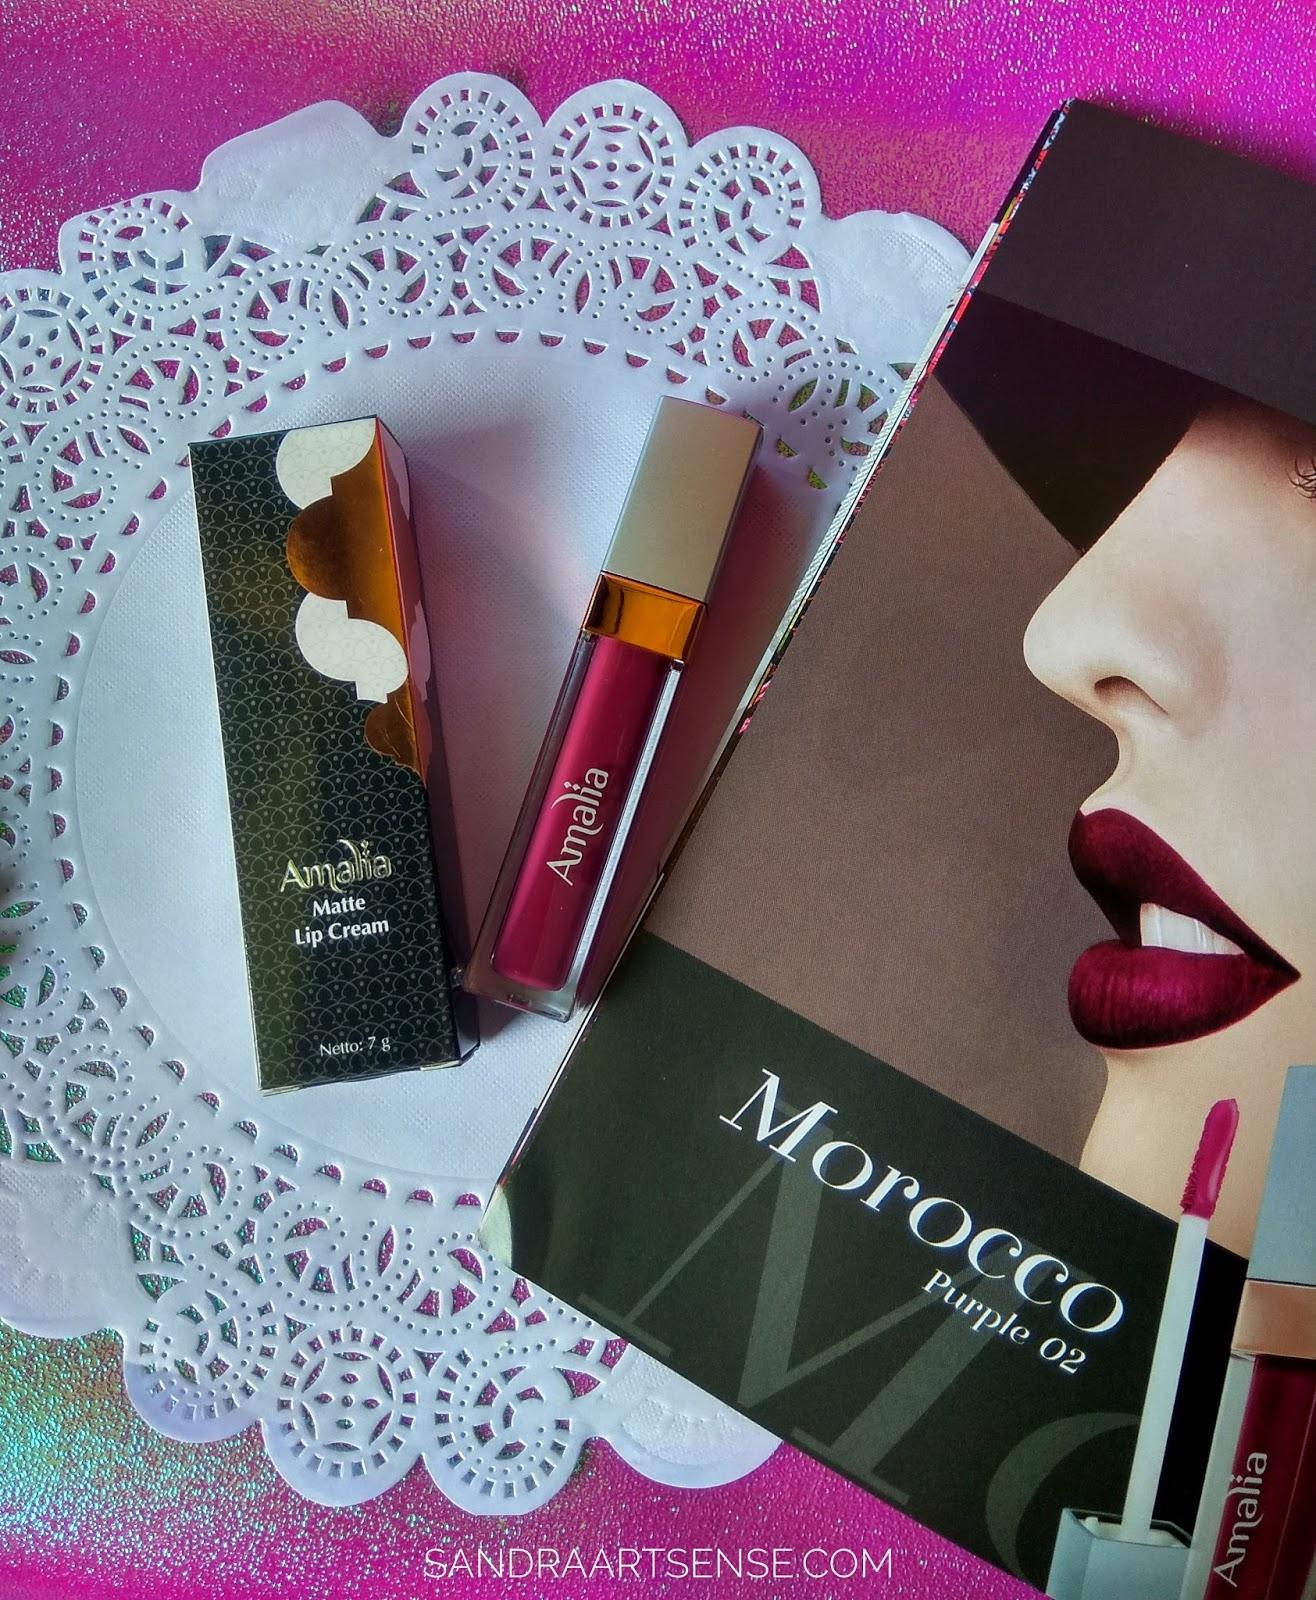 Review Amalia Halal Beauty Glossy And Matte Lip Cream Morocco Nude 03 Selain Itu Warnanya Sangat Pigmented Sedikit Transfer Sih Dan Agak Membuat Bibir Kering Tapi Kita Masih Bisa Mengakalinya Dengan Perawatan Balm